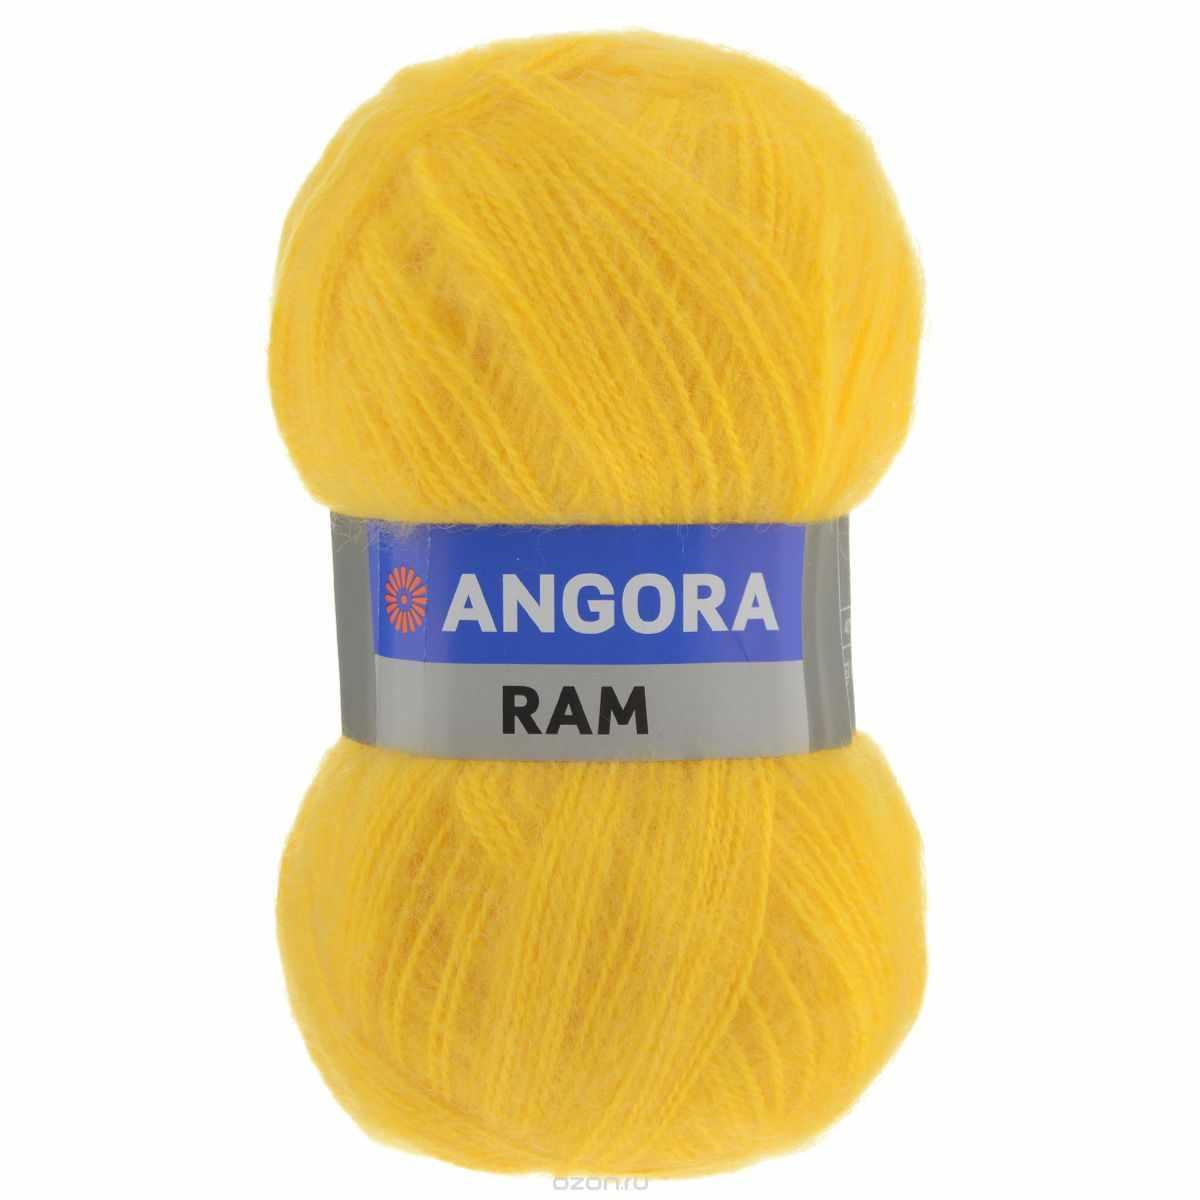 пряжа Yarnart Angora Ram купить цены на нитки для вязания